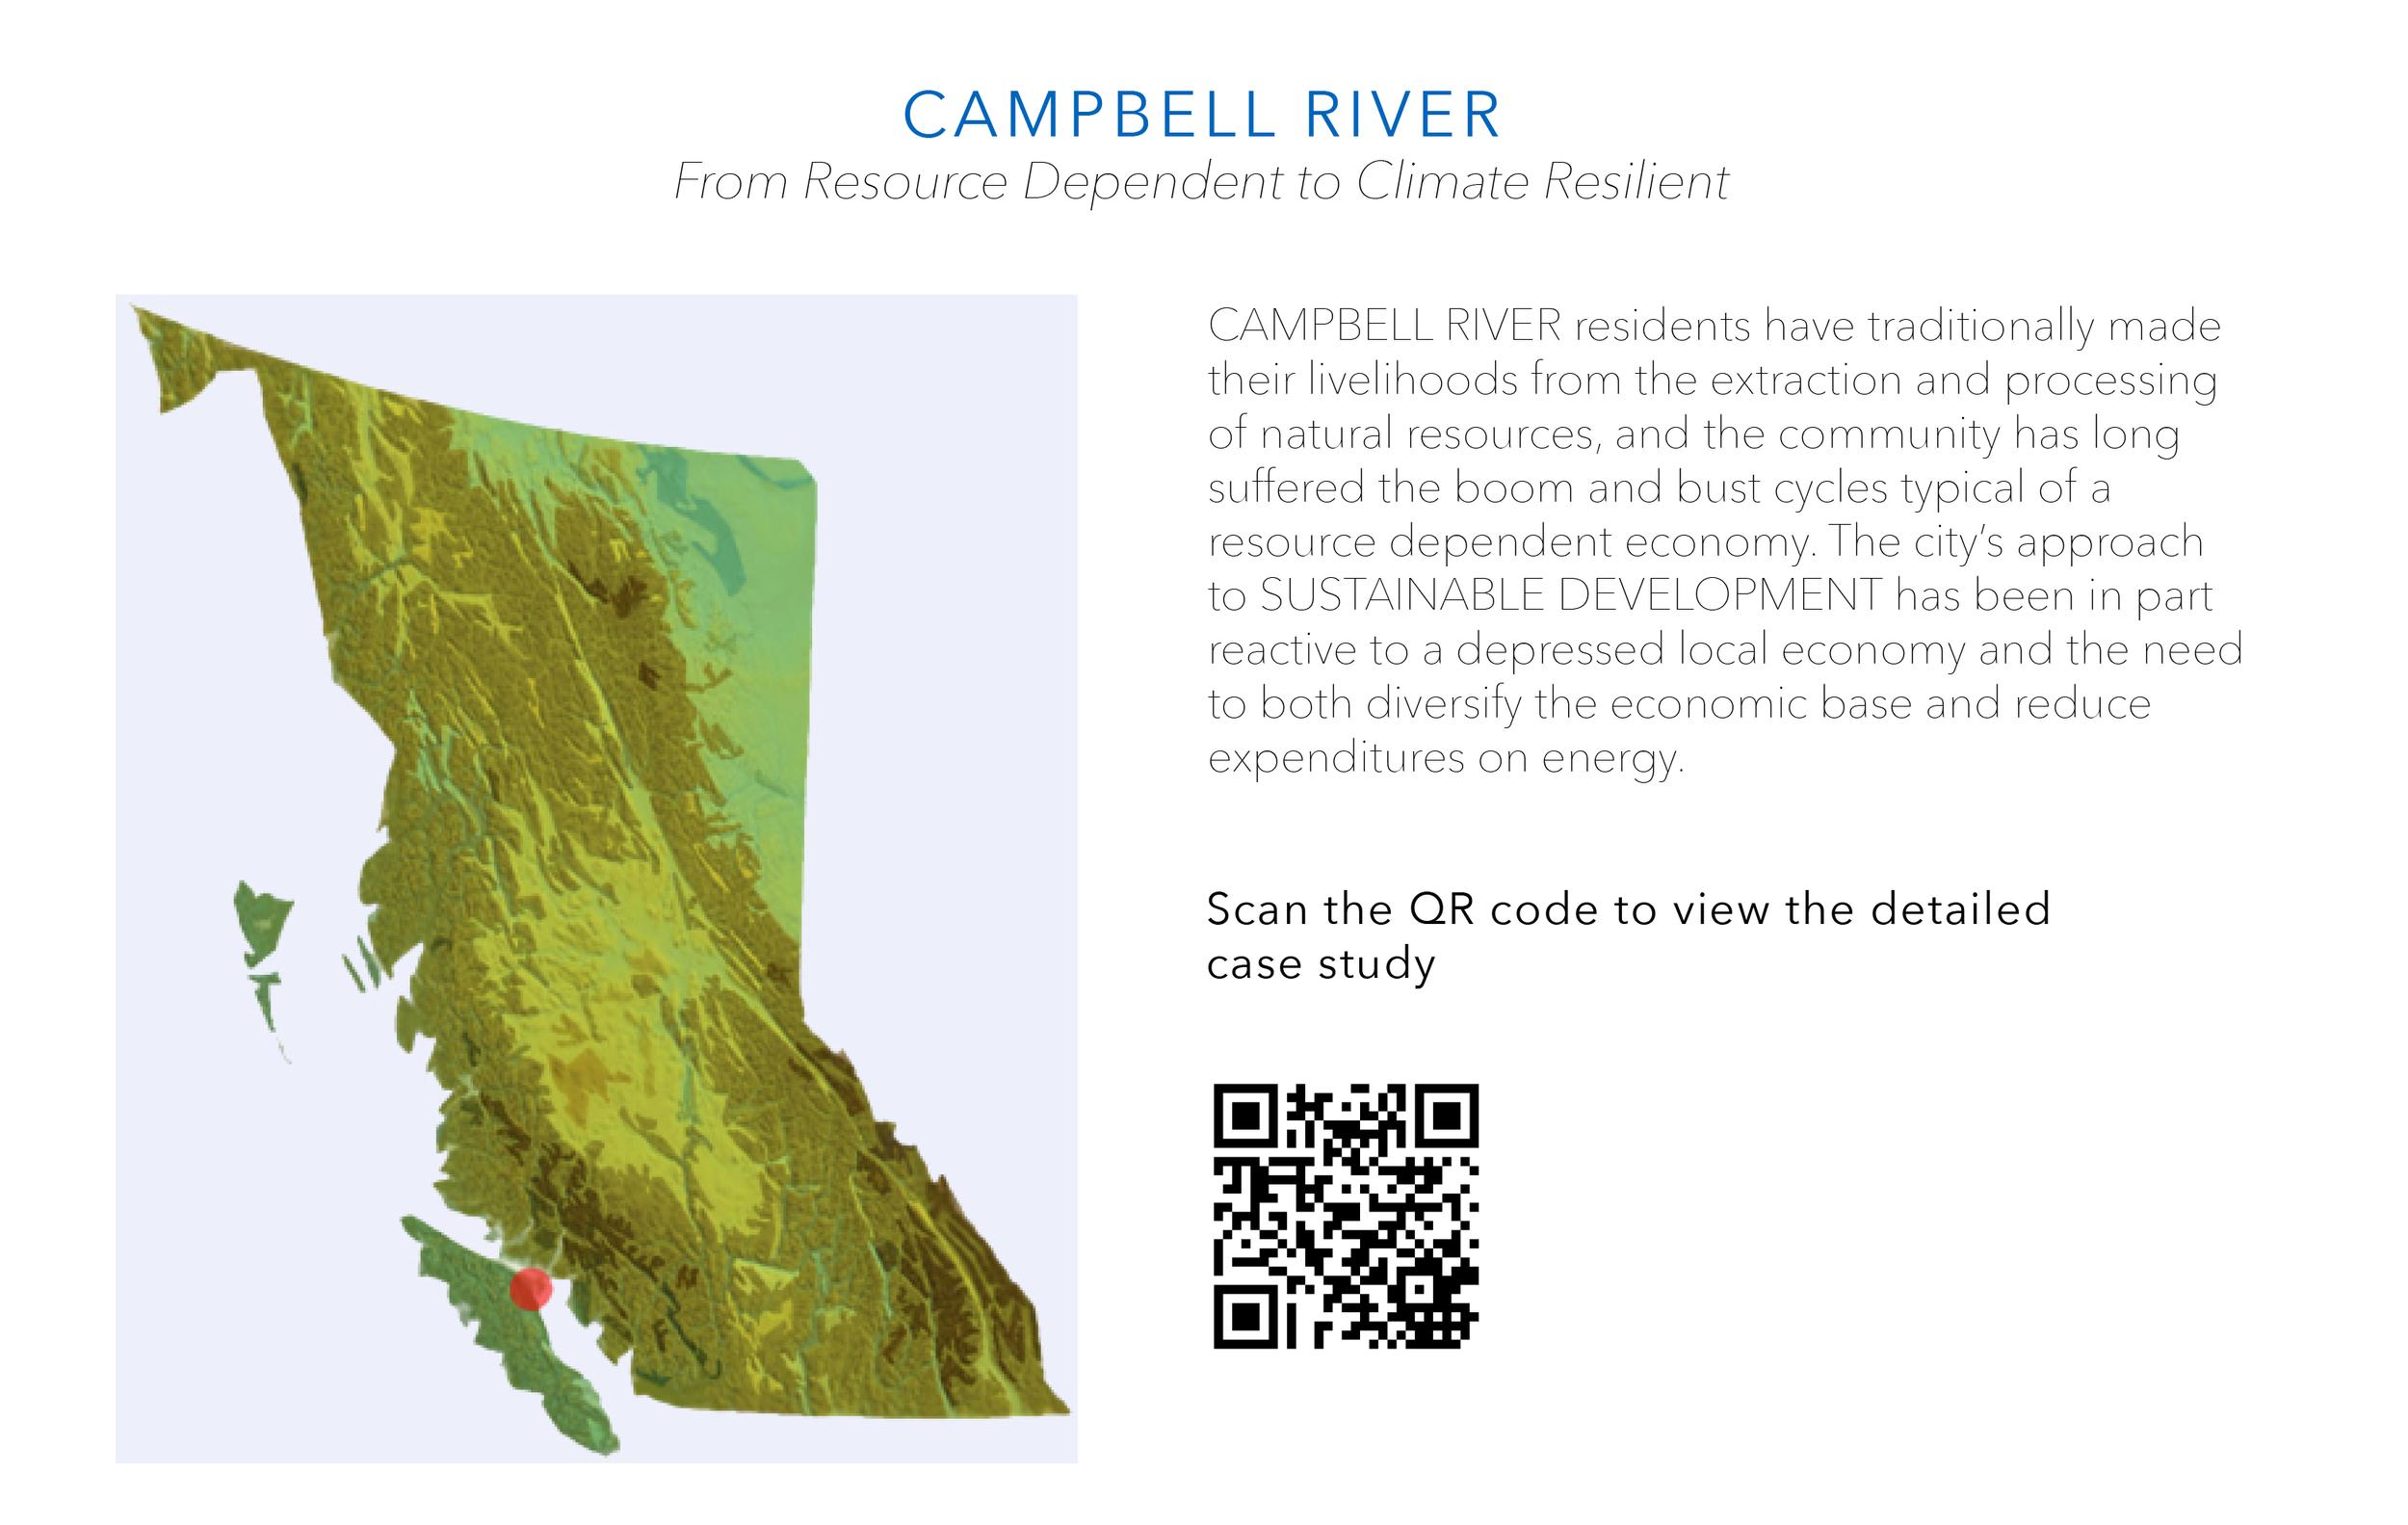 CampbellRiver.png